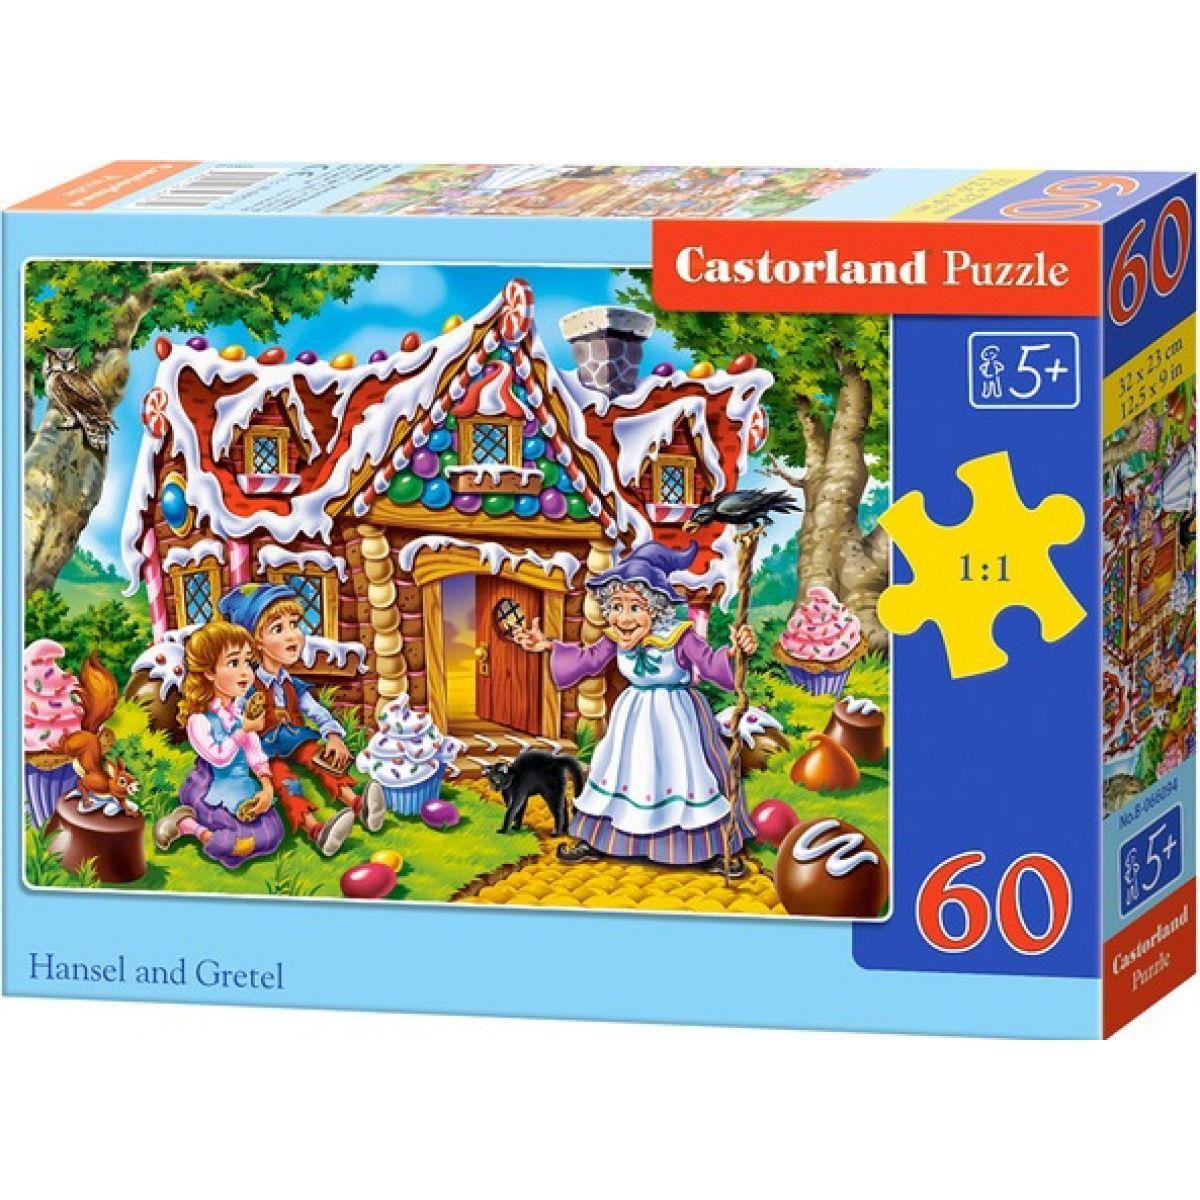 Castorland Puzzle Jeníček a Mařenka 60 dílků